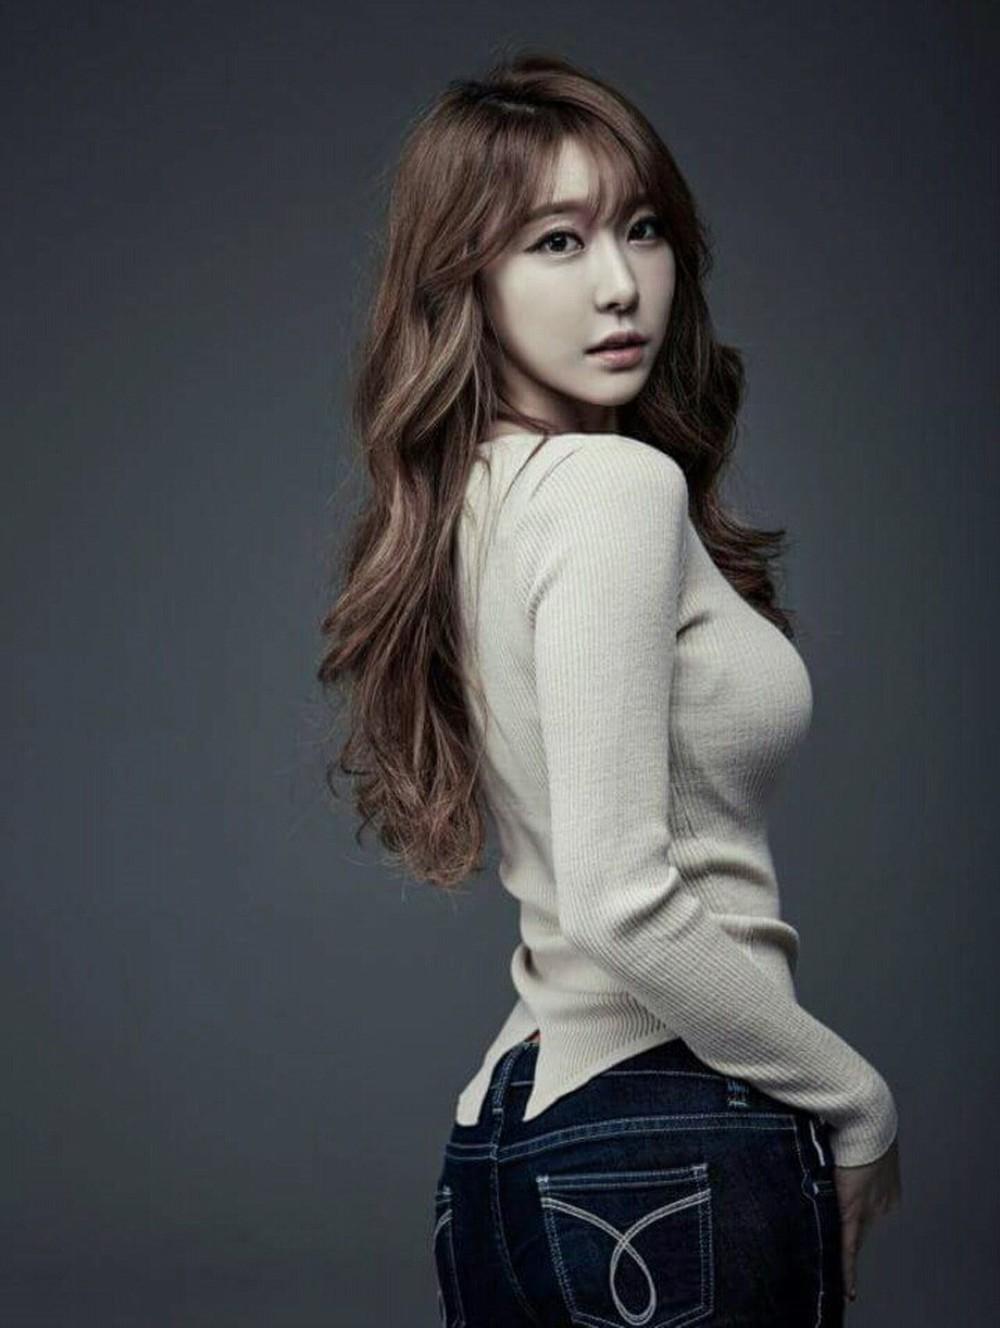 Khổ như làm bạn gái Son Heung-min: Hứng gạch đá thê thảm, chìm nghỉm trong những lời đàm tiếu háo danh, không cùng đẳng cấp - Ảnh 6.